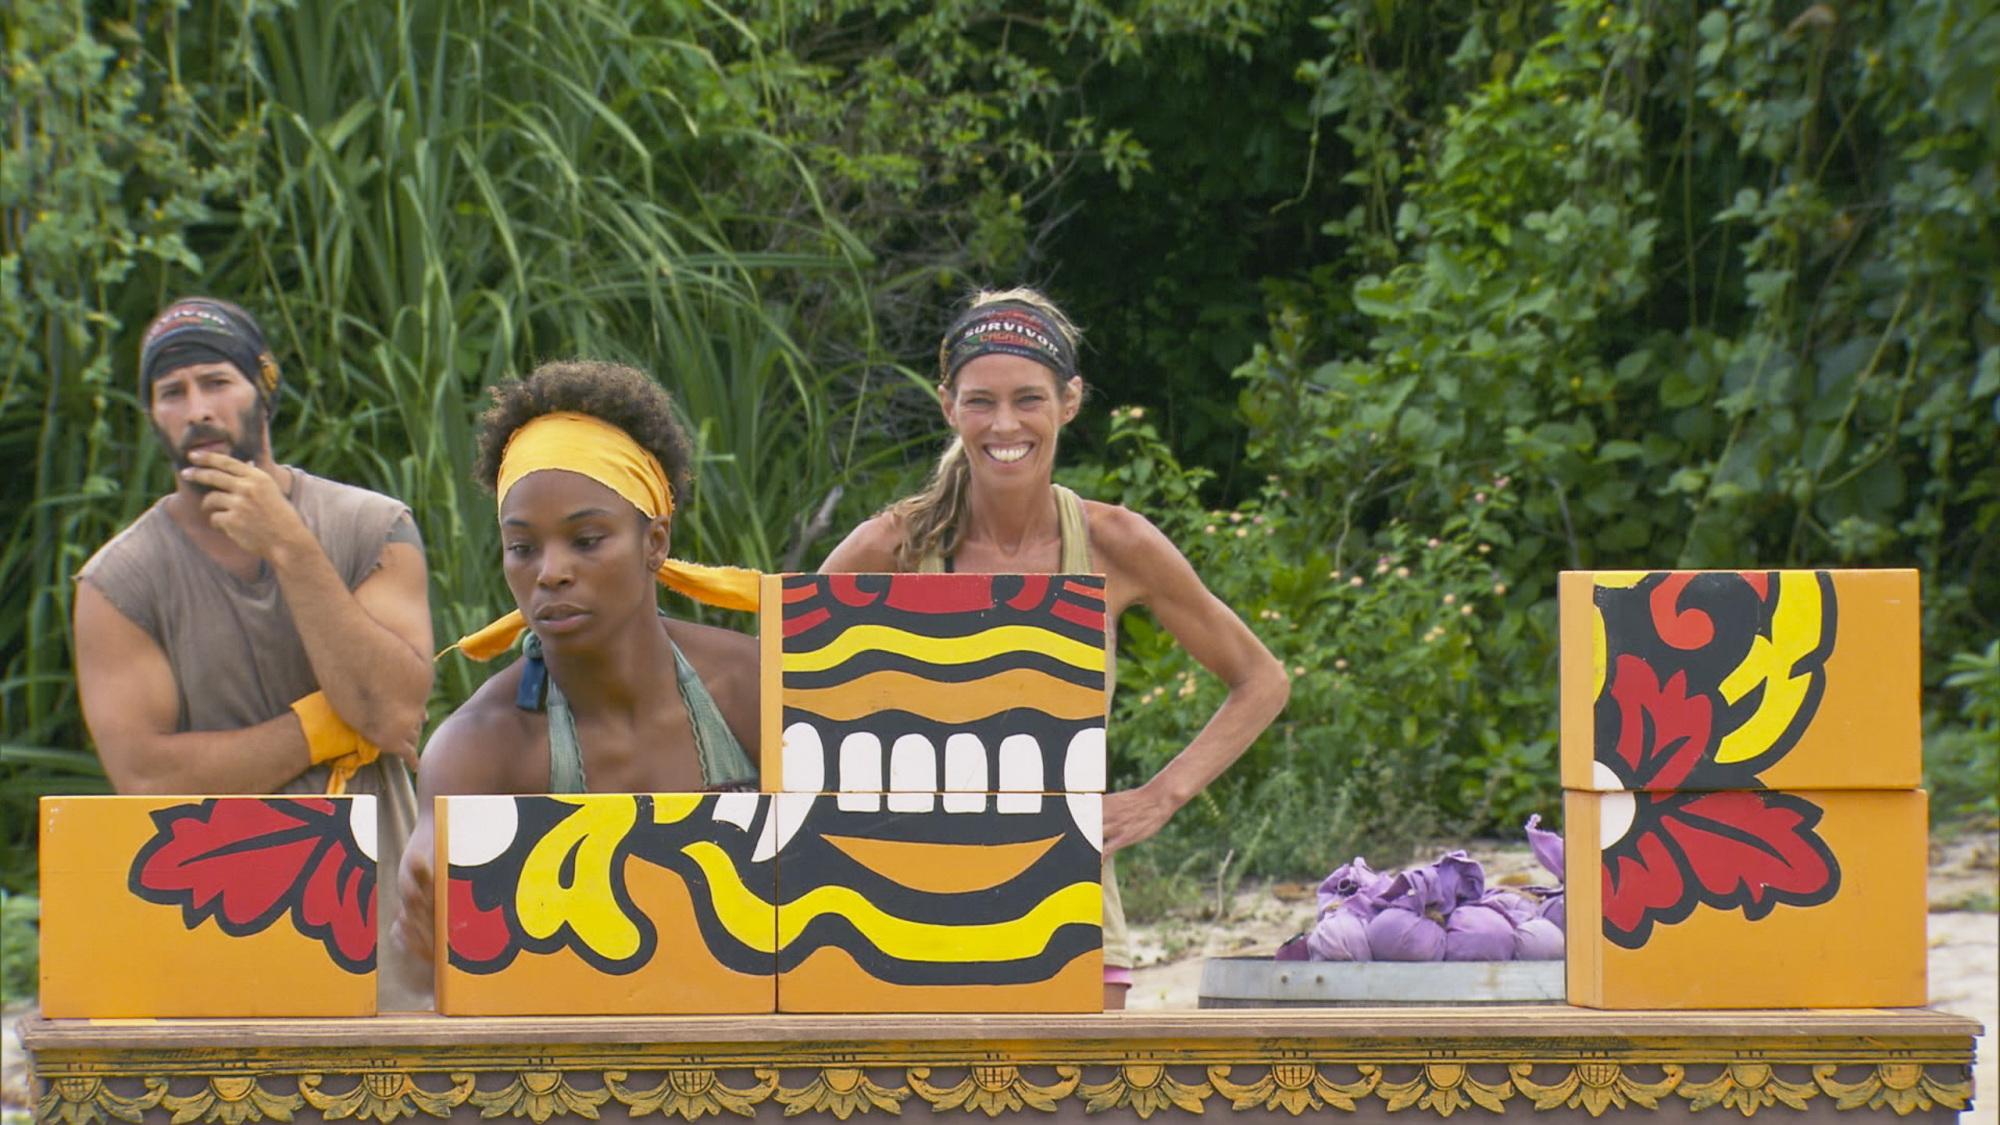 Reward challenge competition in Season 28 Episode 11